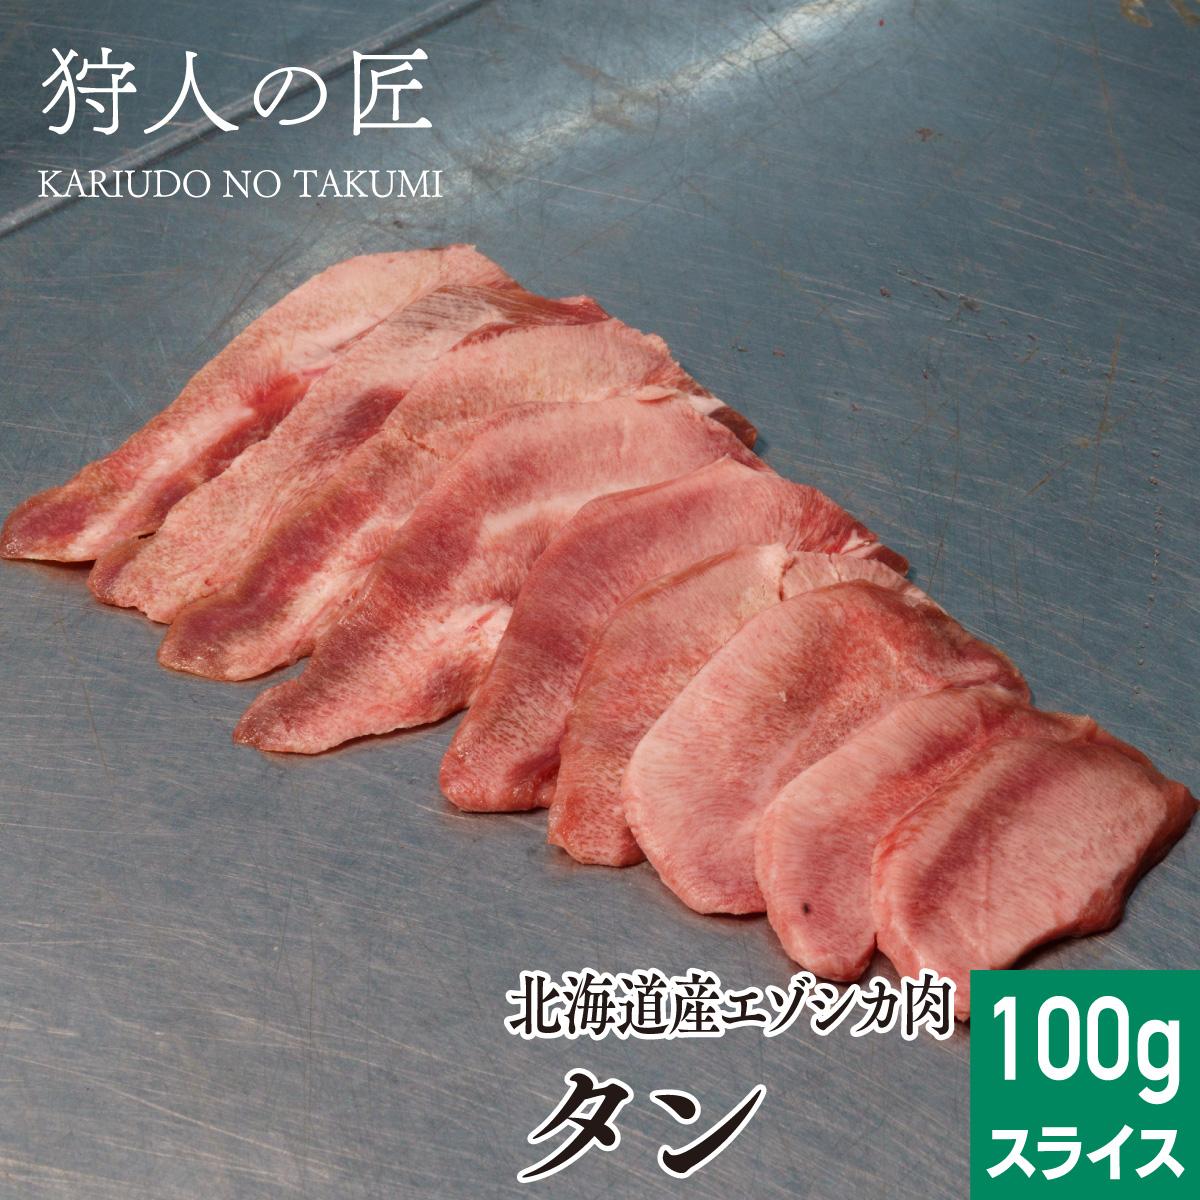 希少部位 美味です 北海道稚内産 エゾ鹿肉 タン 格安 舌 1本100g前後 スライス ジビエ えぞしか肉 エゾシカ肉 無添加 お見舞い 蝦夷鹿肉